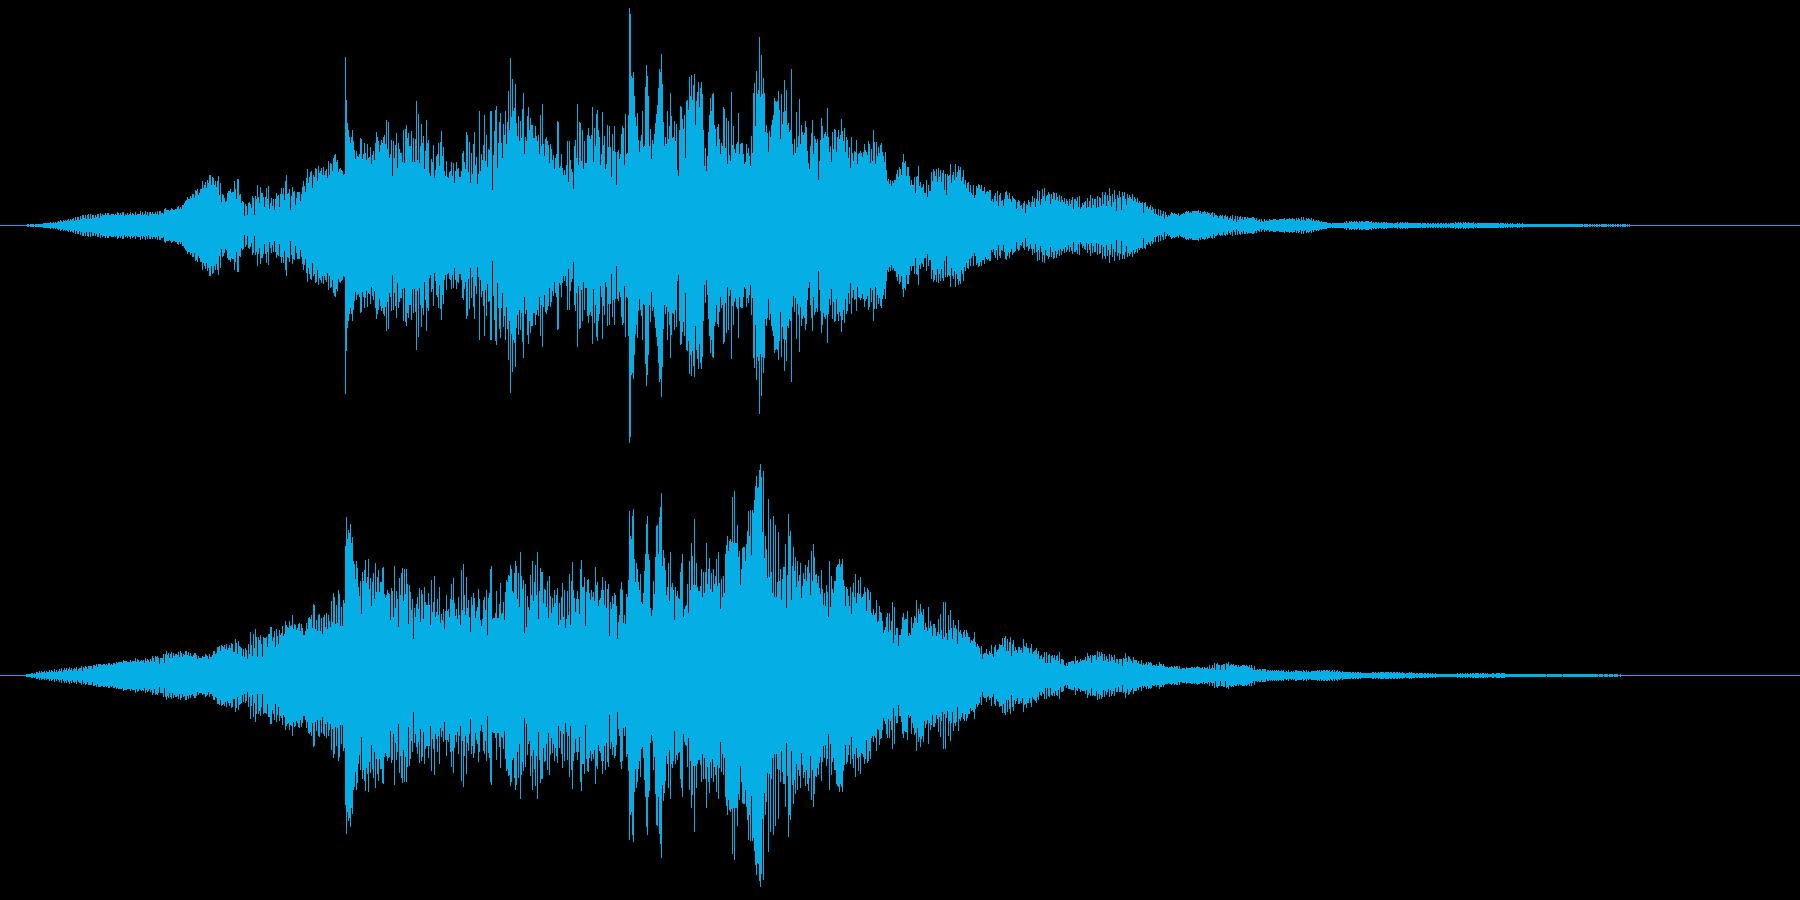 サウンド・ロゴ4、企業、コンテンツ Cの再生済みの波形